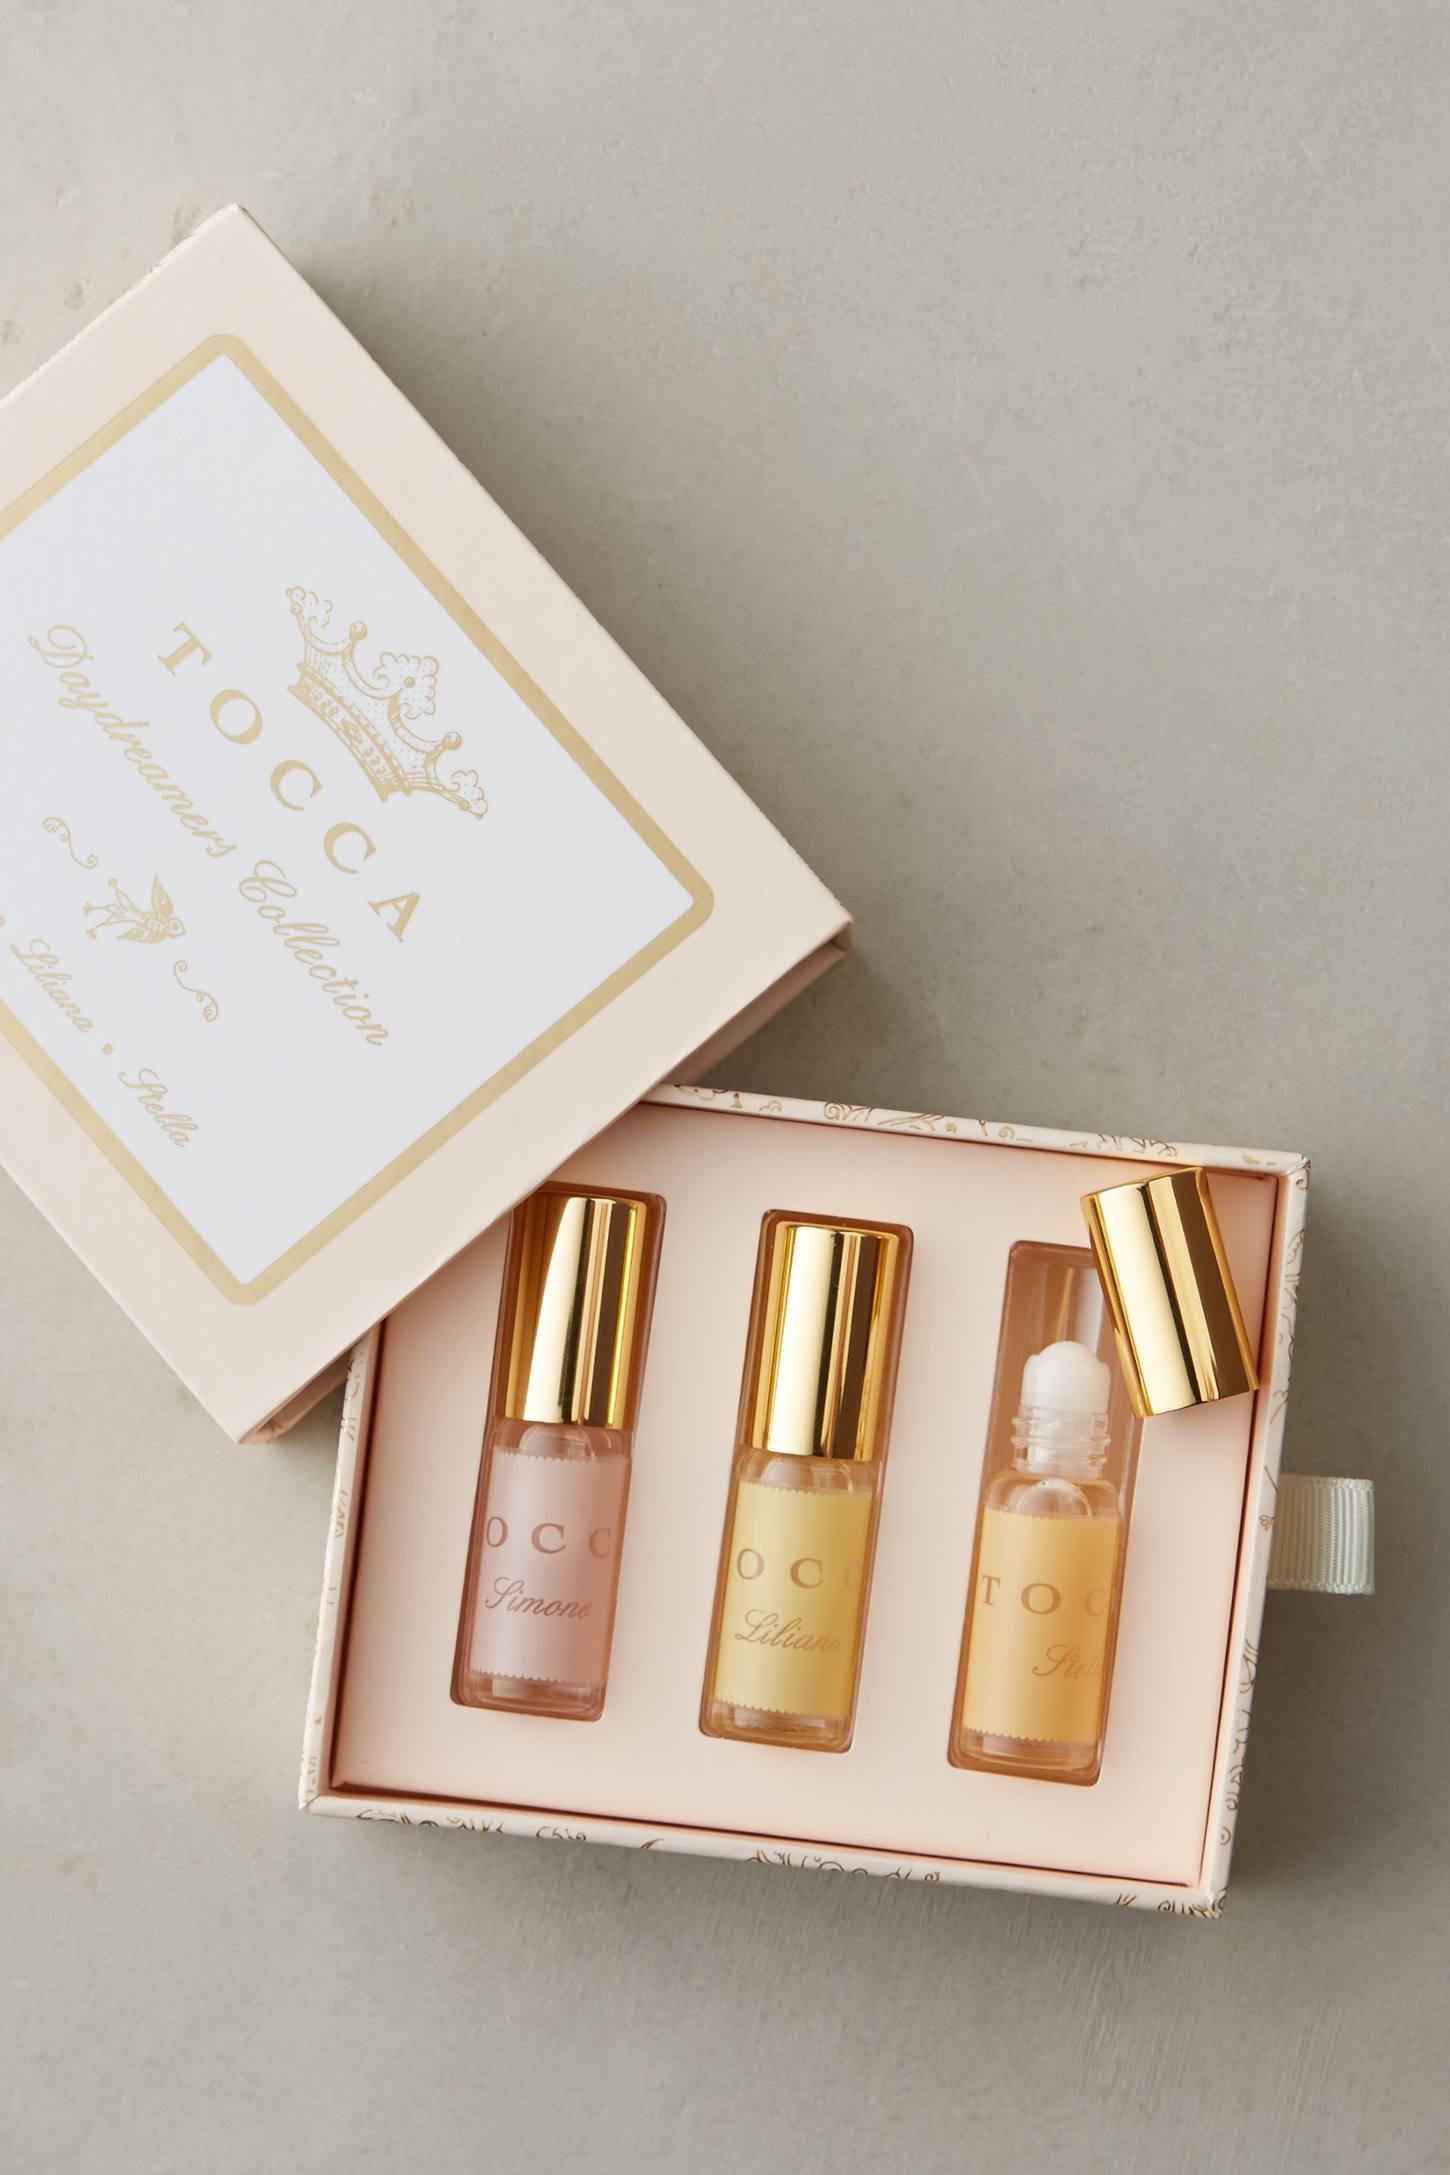 Tocca Rollerball Perfume Trio